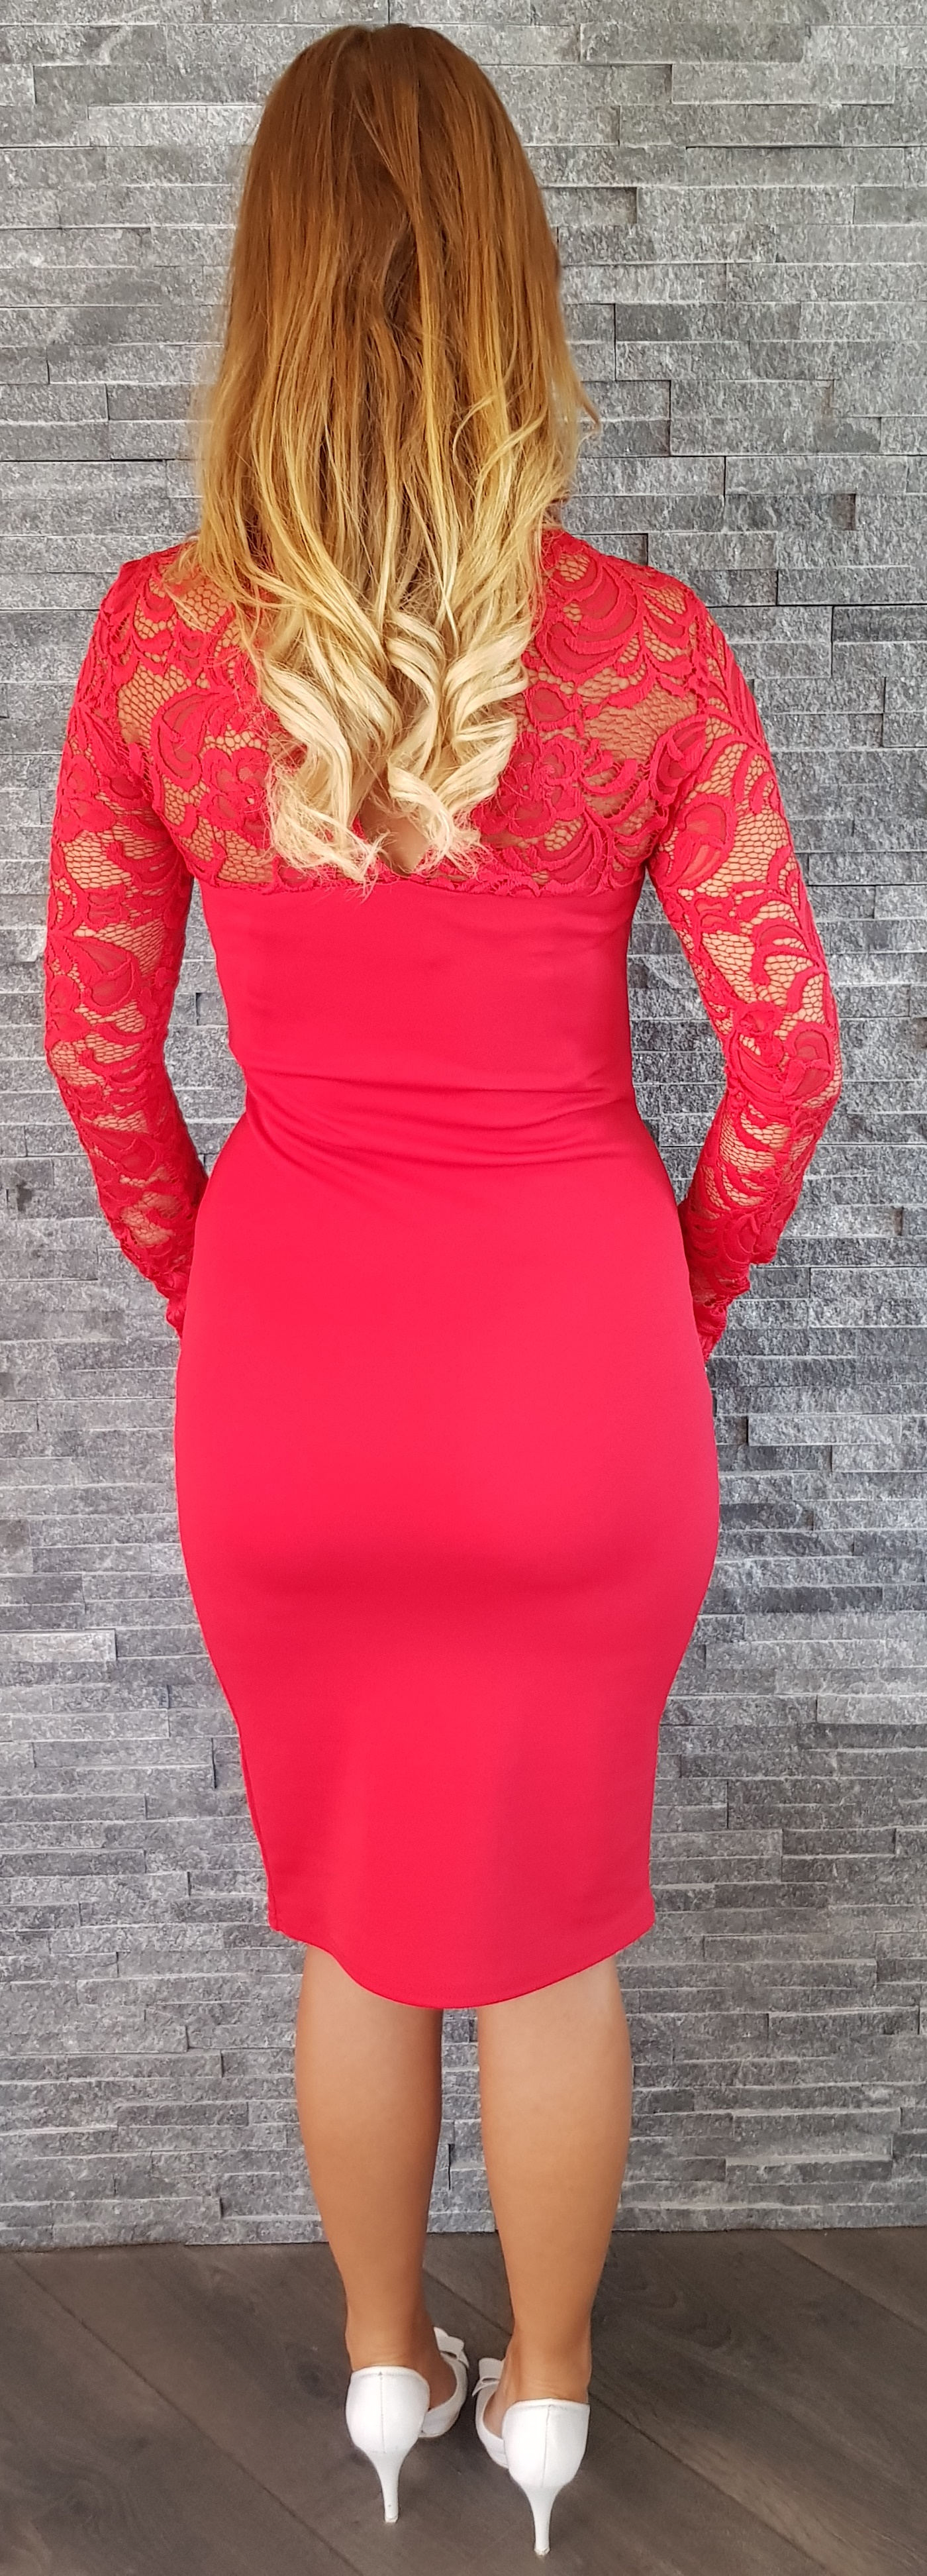 baf994e87666 UK Červené čipkované šaty Popoluška EUR 36